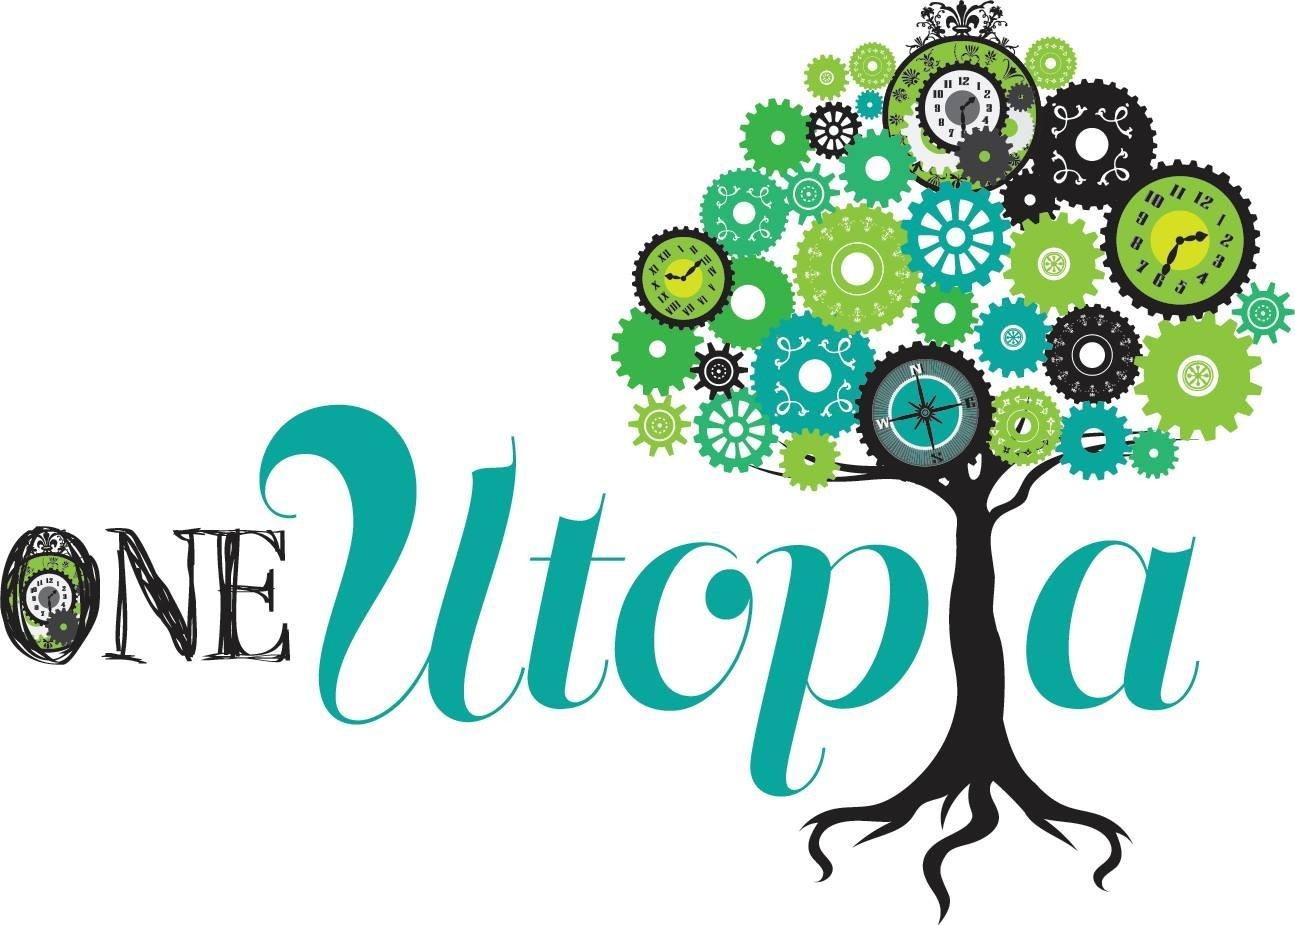 One Utopia